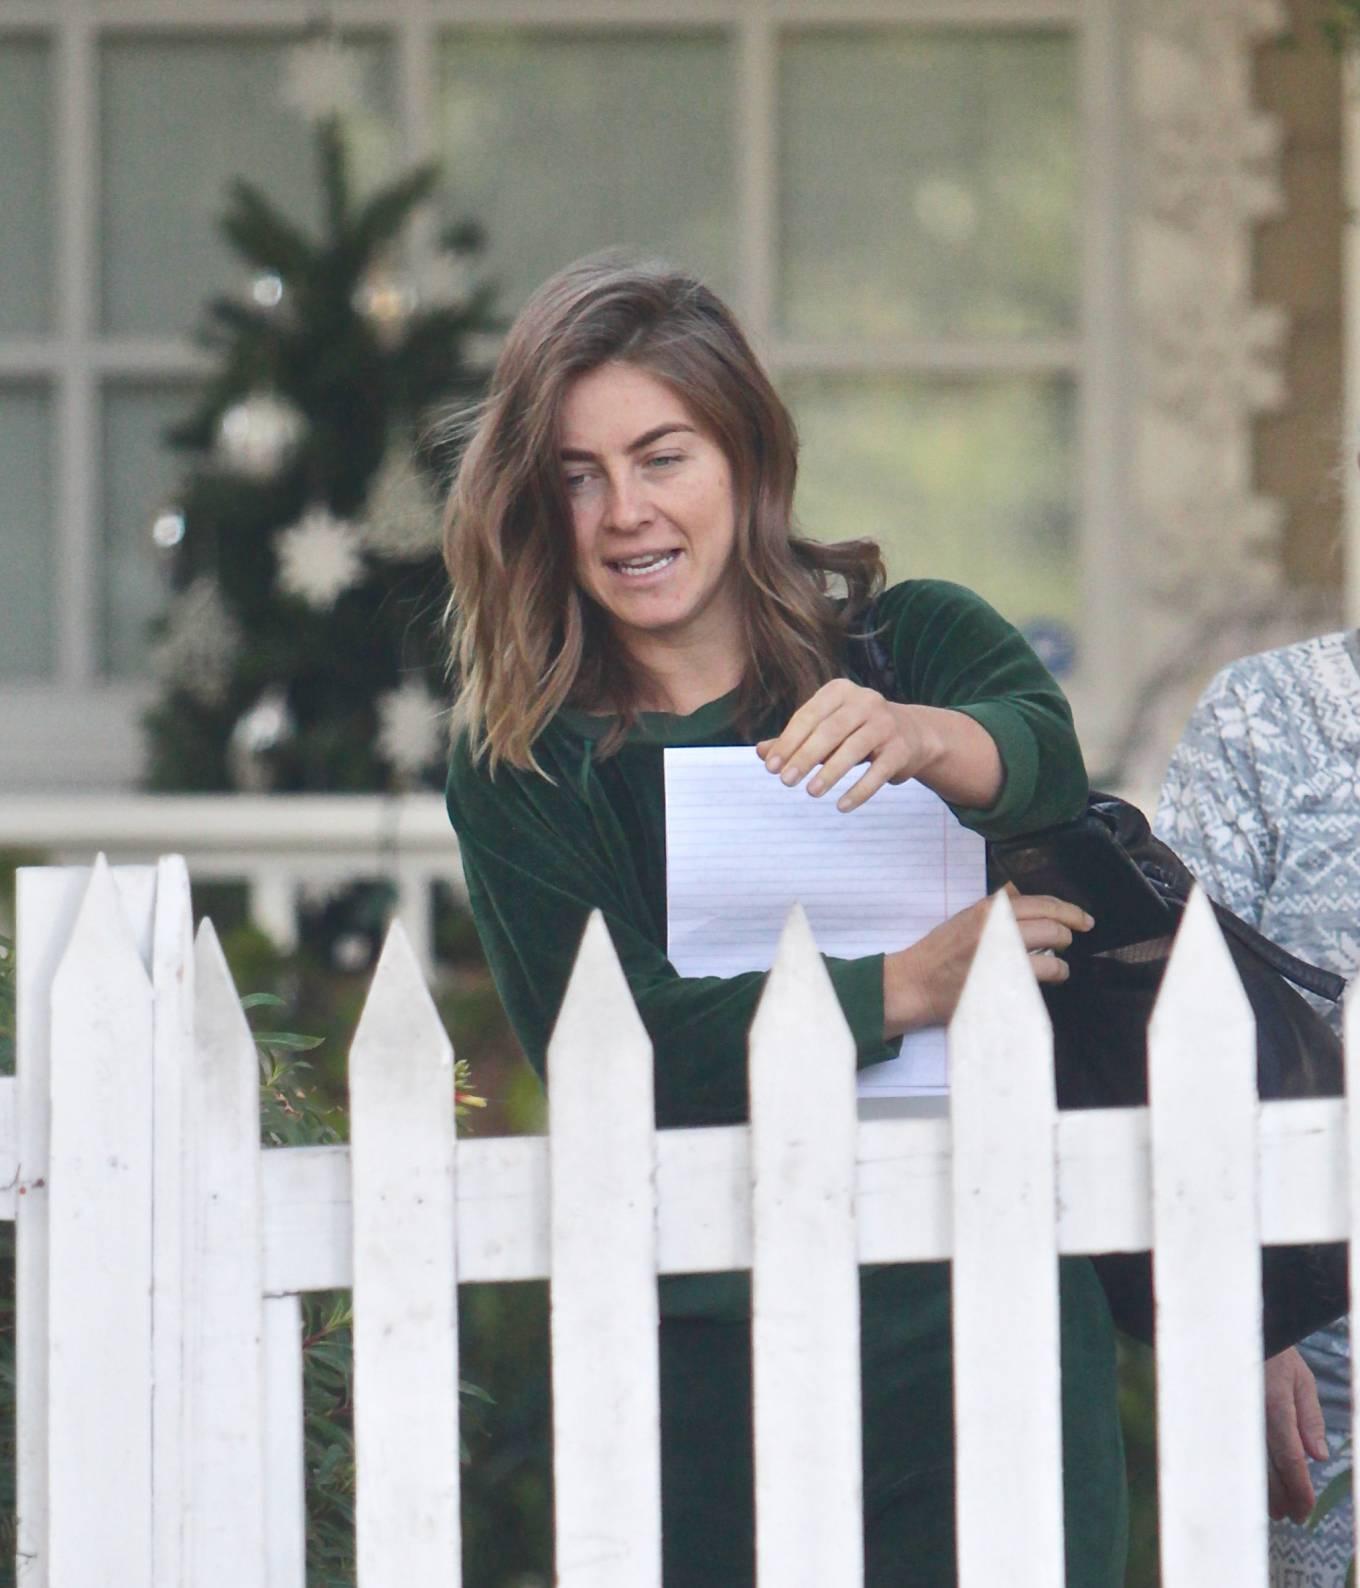 Julianne Hough 2020 : Julianne Hough – Seen leaving her mothers house in Studio City -08